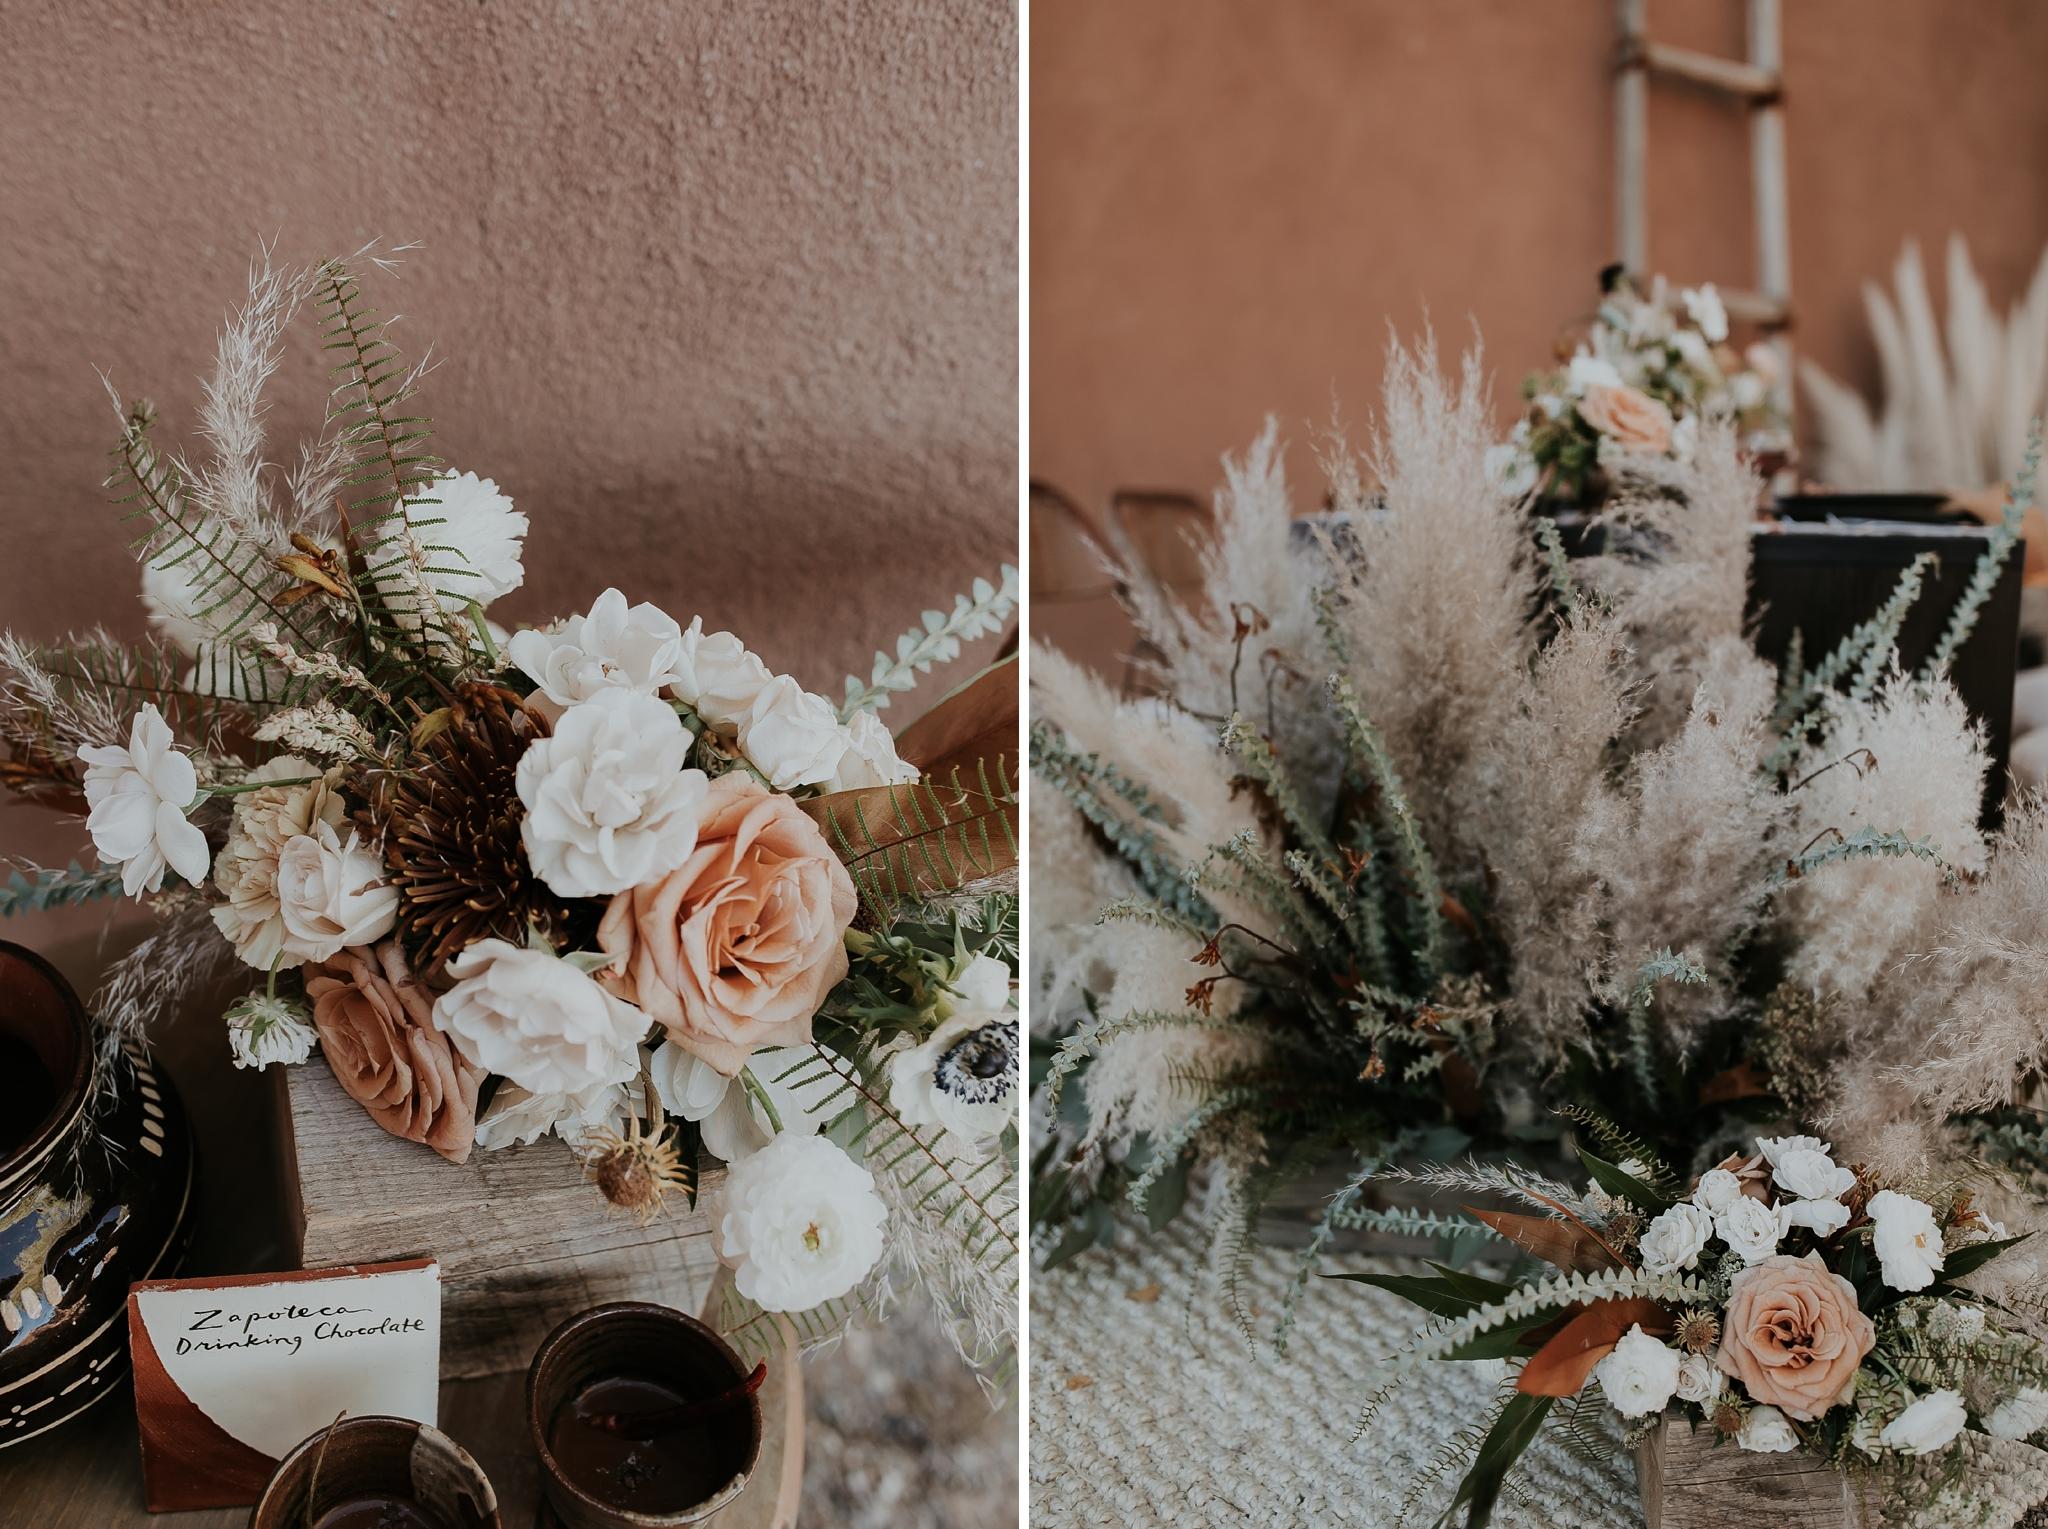 Alicia+lucia+photography+-+albuquerque+wedding+photographer+-+santa+fe+wedding+photography+-+new+mexico+wedding+photographer+-+new+mexico+wedding+-+new+mexico+wedding+-+wedding+florals+-+desert+wedding+-+wedding+trends_0051.jpg